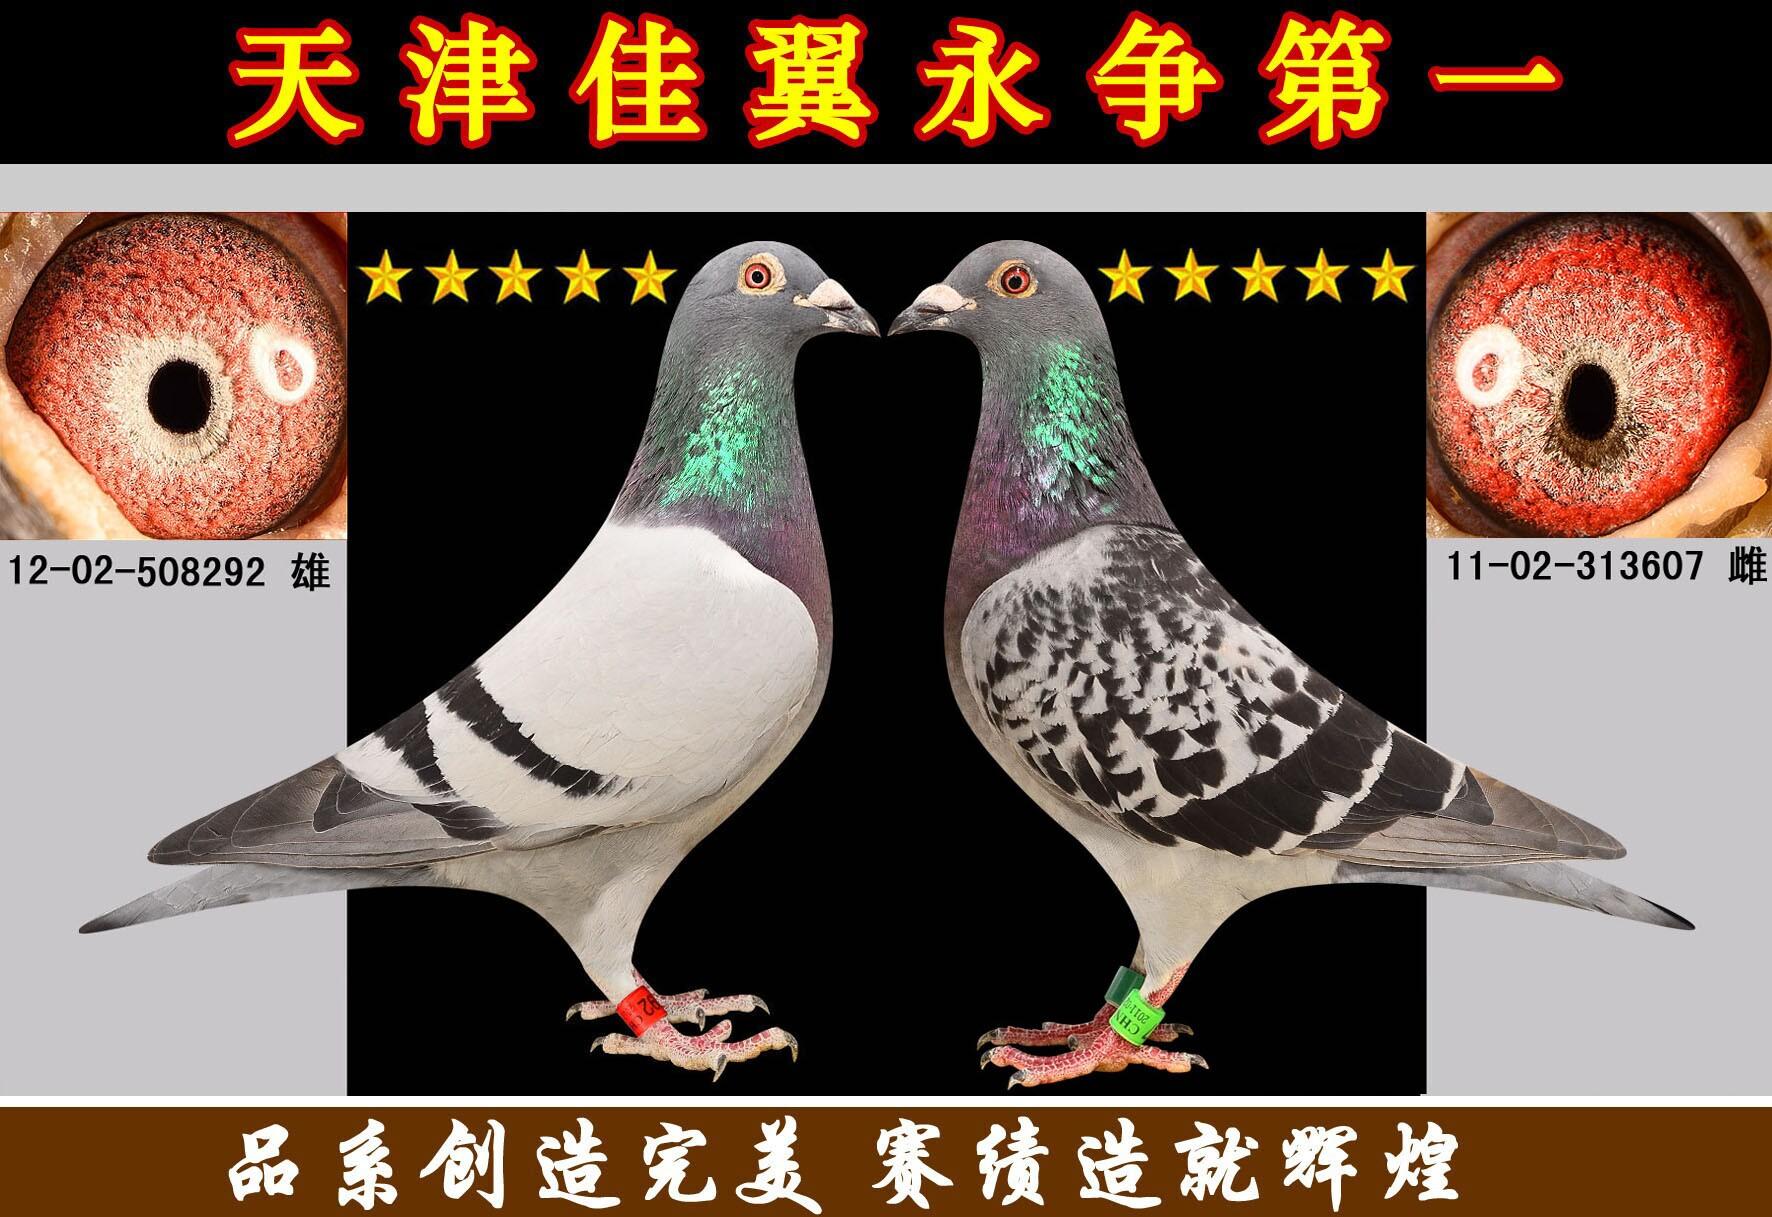 世界名家配对赛鸽图片